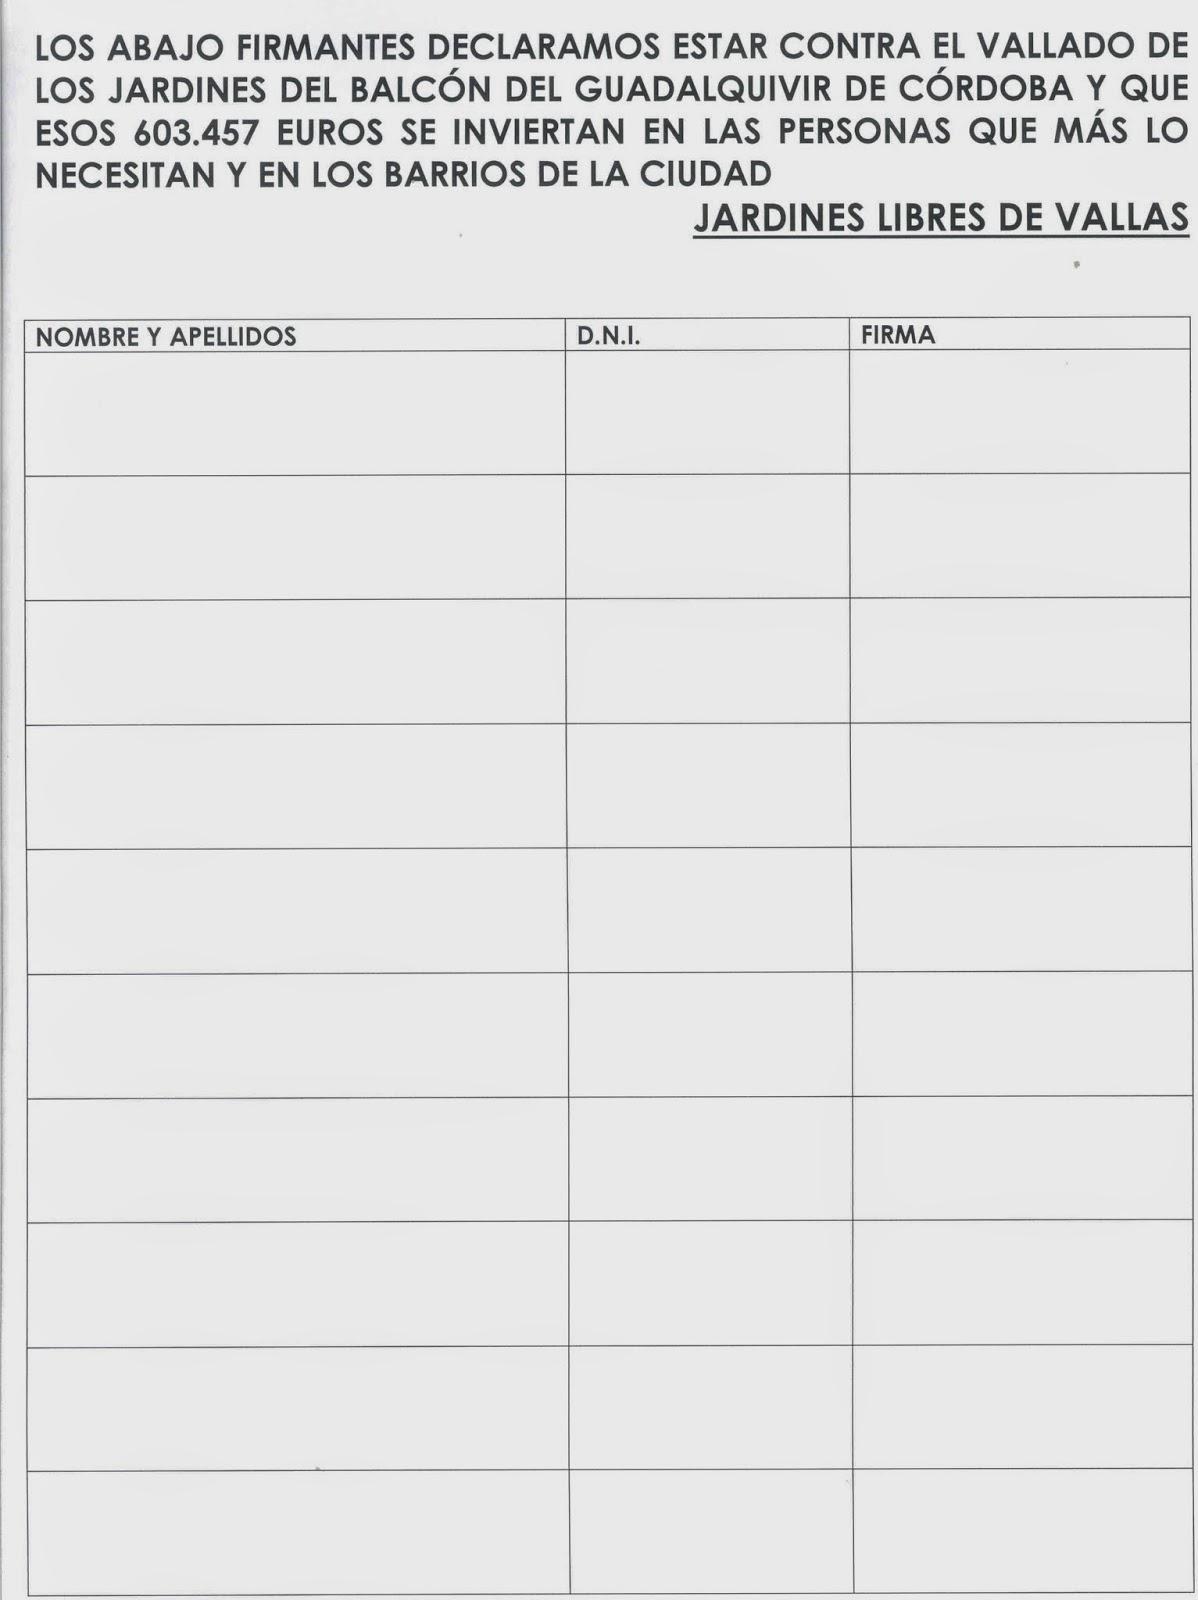 Asociacion Guadalquivir Recogida De Firmas Contra El Vallado Del Balcon Del Guadalquivir